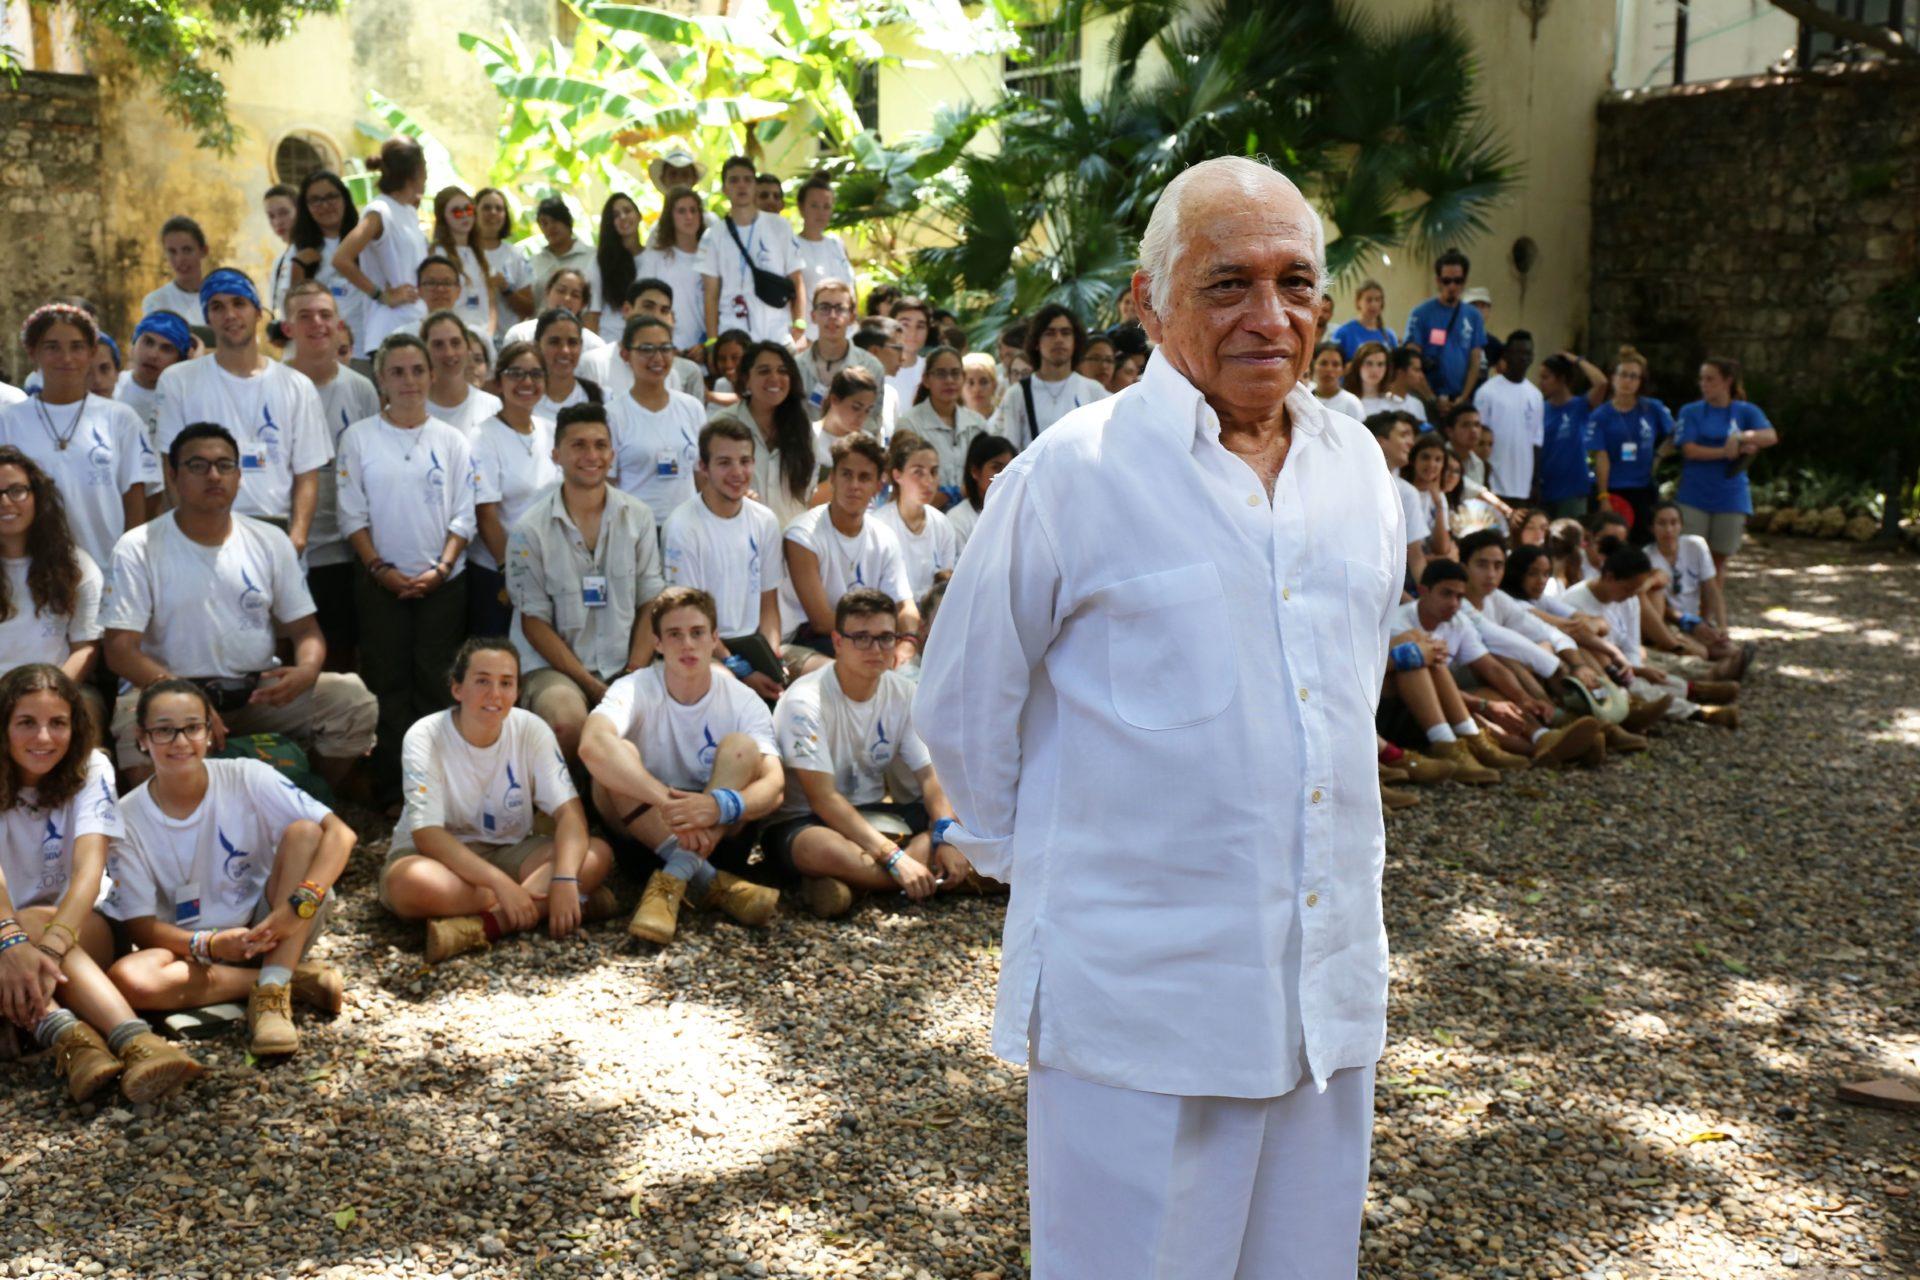 La expedicion de Ruta BBVA 2015 estuvo con Jaime García Márquez hermano del Premio Nobel